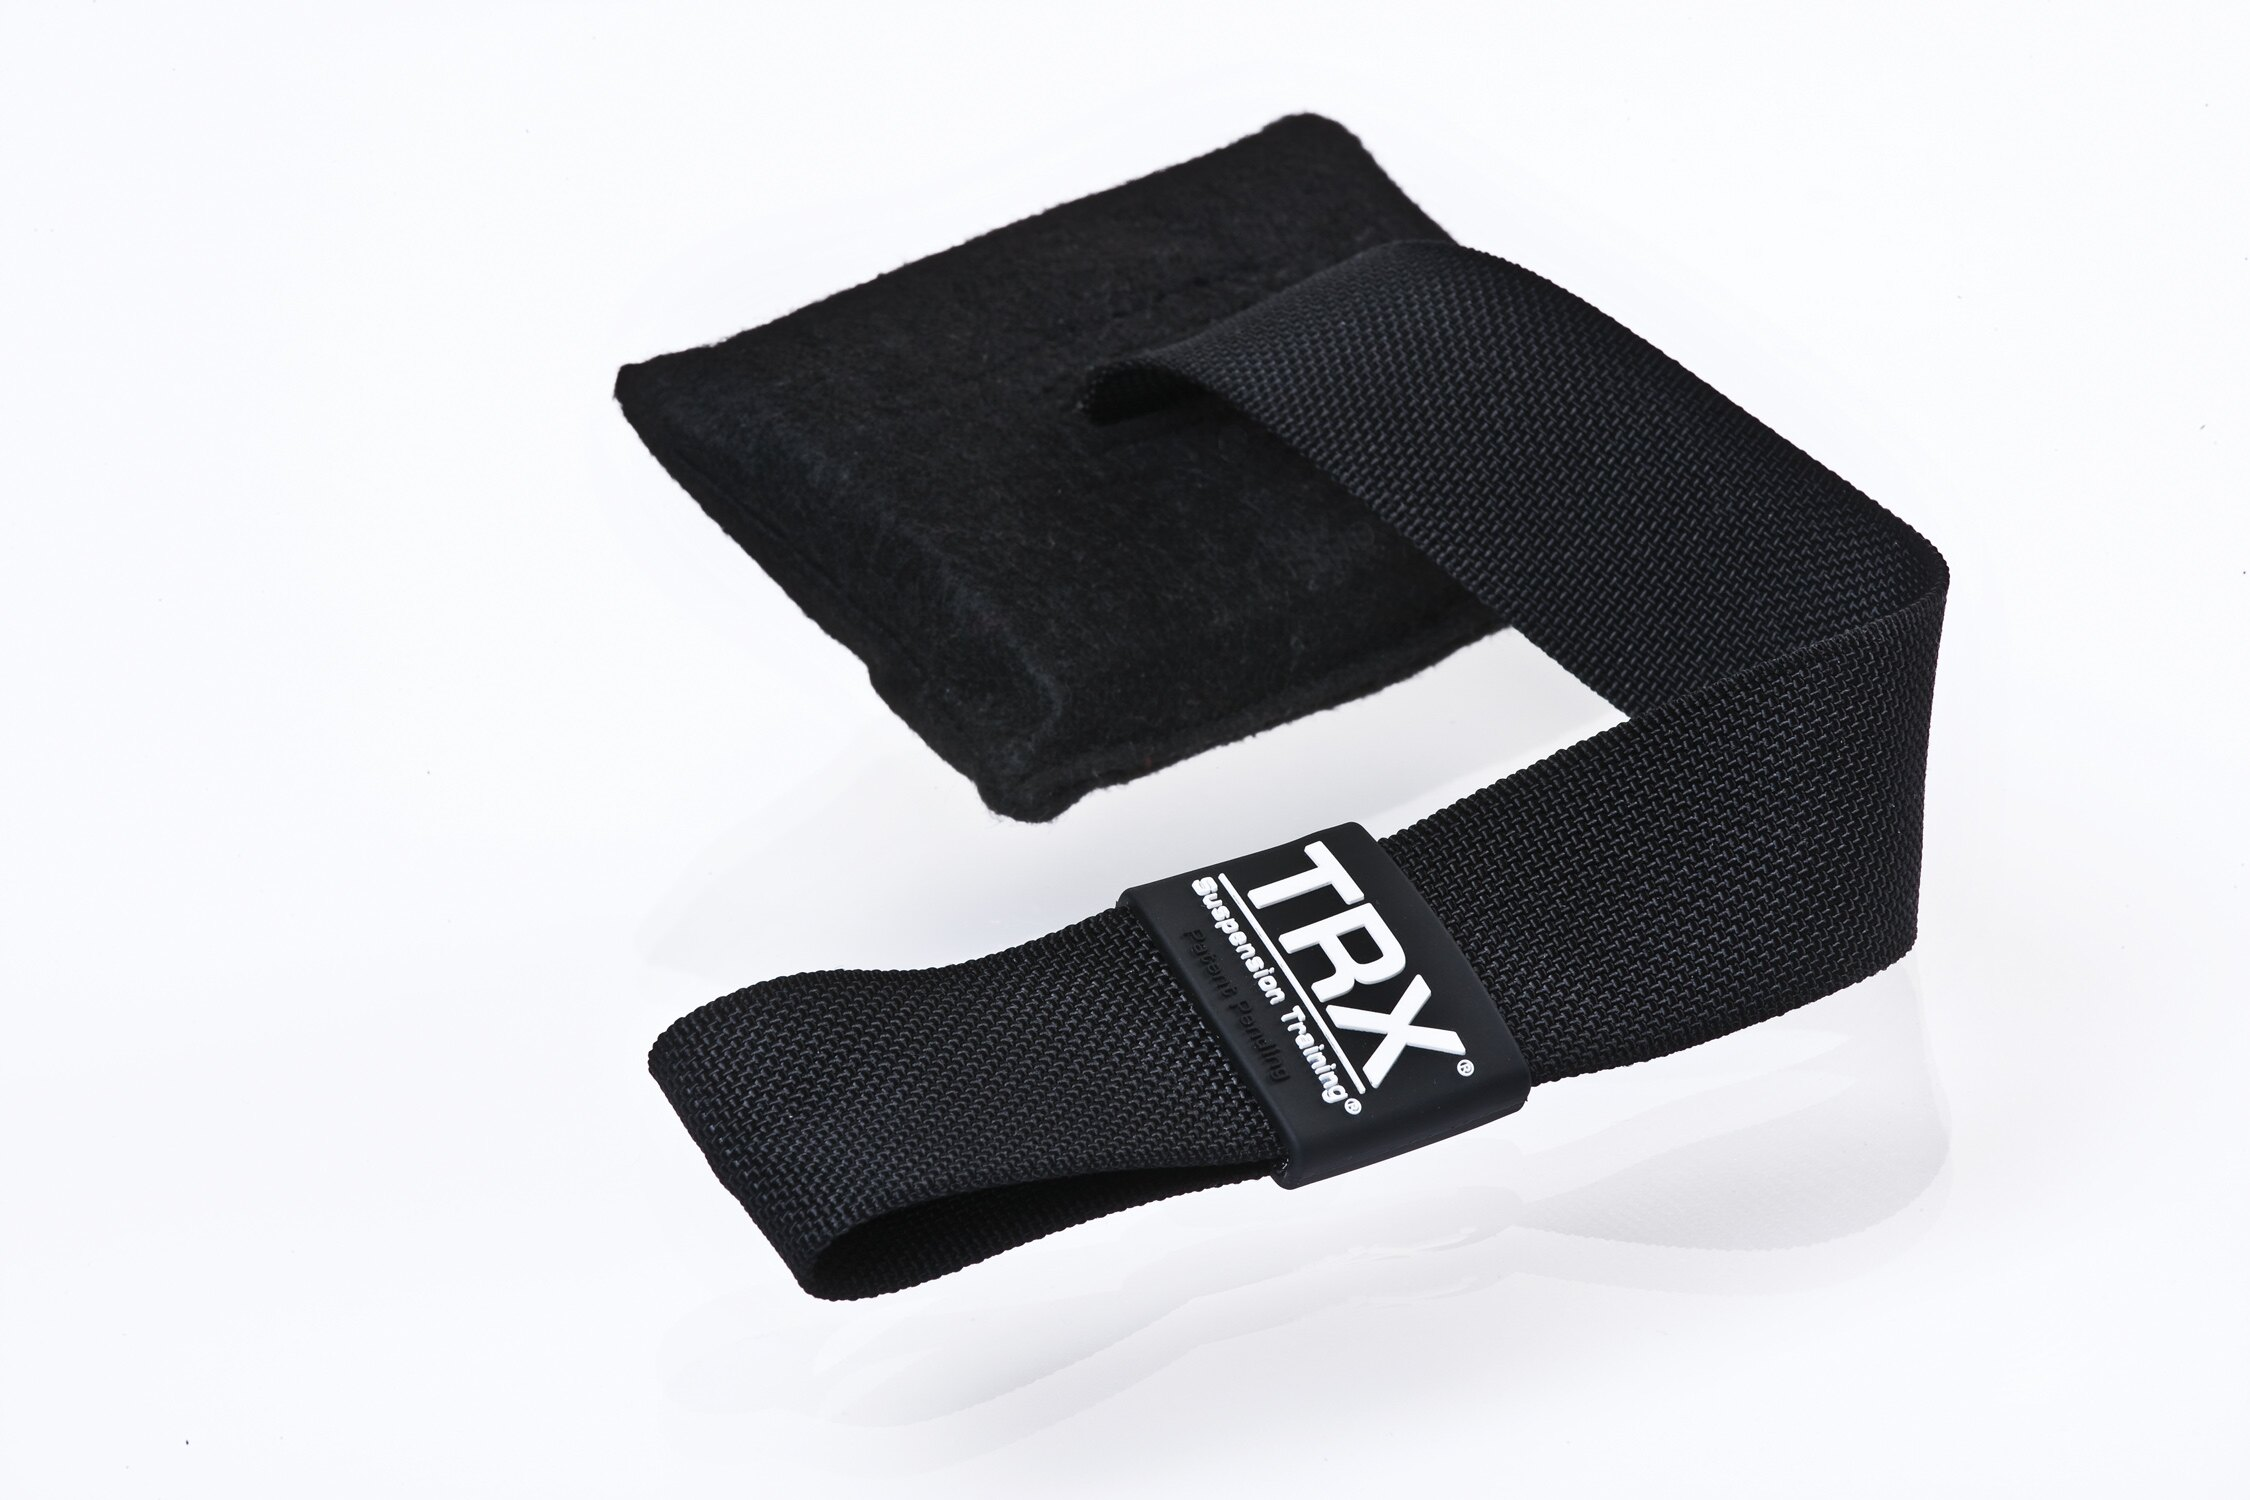 正版公司貨,免運費【TRX懸吊訓練配件 門檔】打造您的個人健身房,隨時隨地進行懸吊訓練